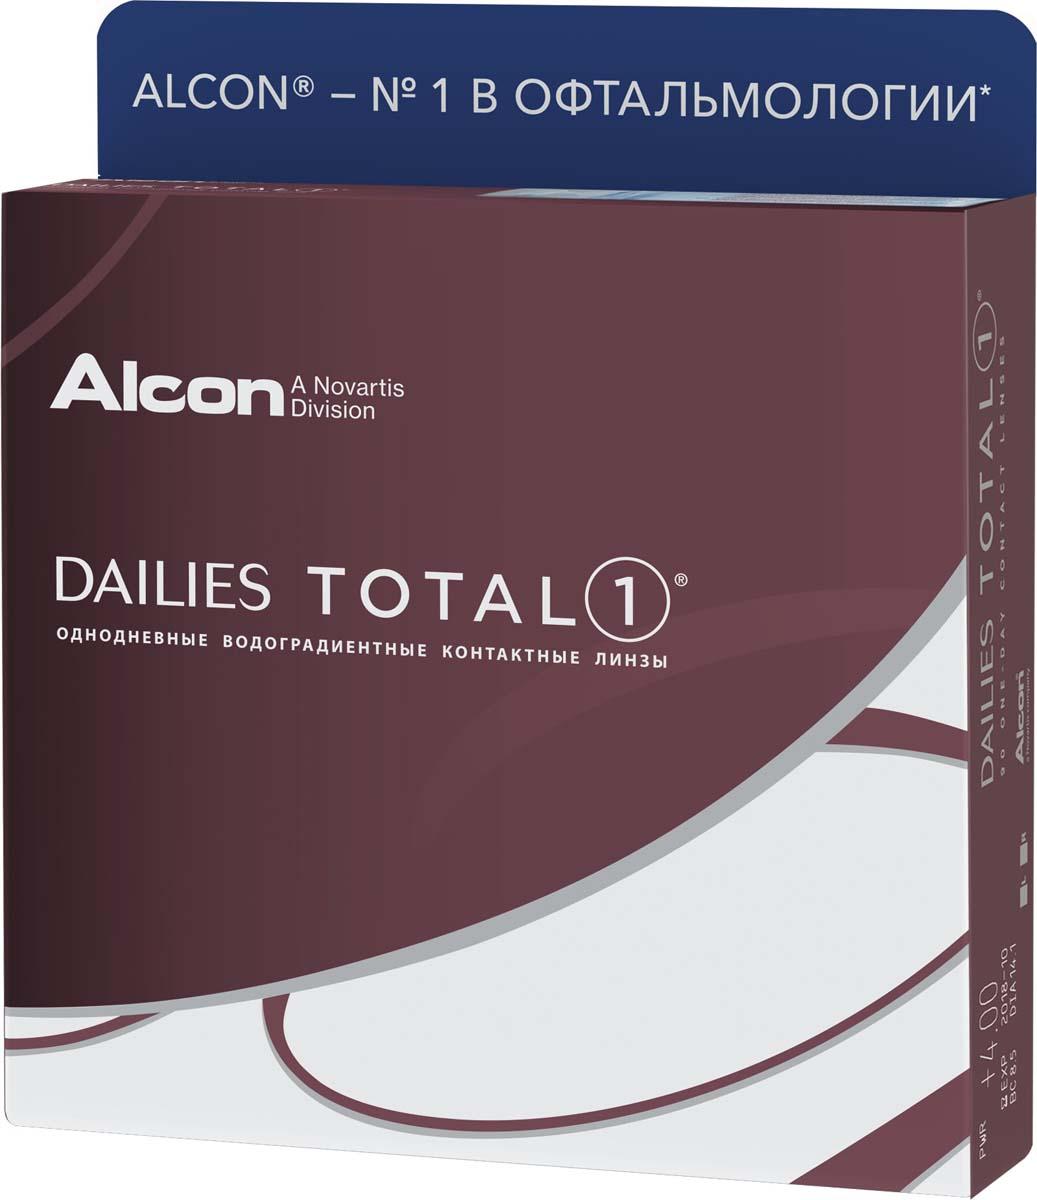 Аlcon Контактные линзы Dailies Total 90 шт /+1.25 /8.5 /14.1 аlcon контактные линзы dailies total 90 шт 4 75 8 5 14 1